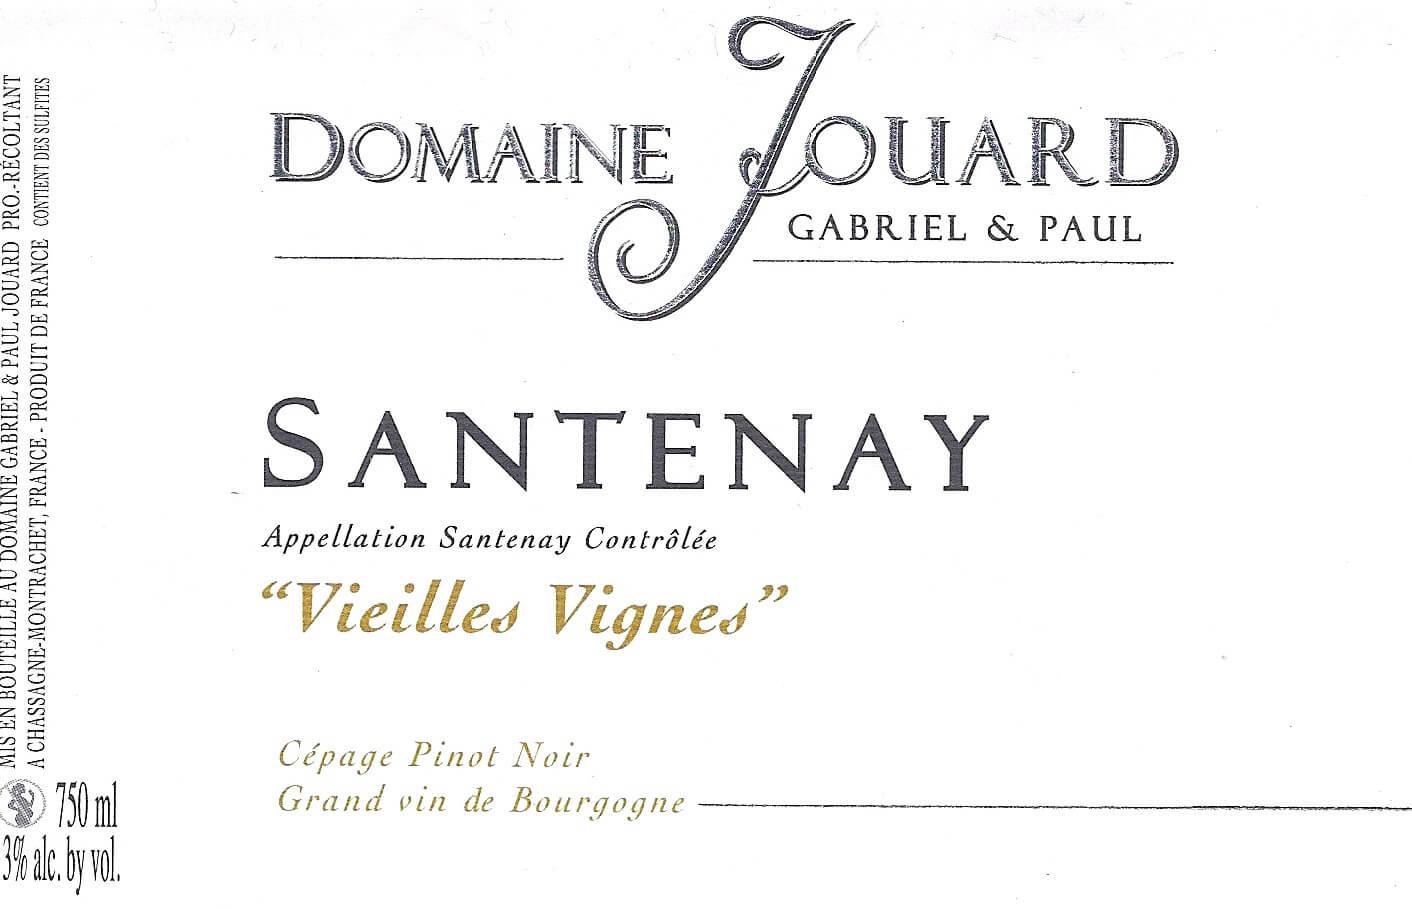 Paul Jouard Santenay Village Vieilles Vignes